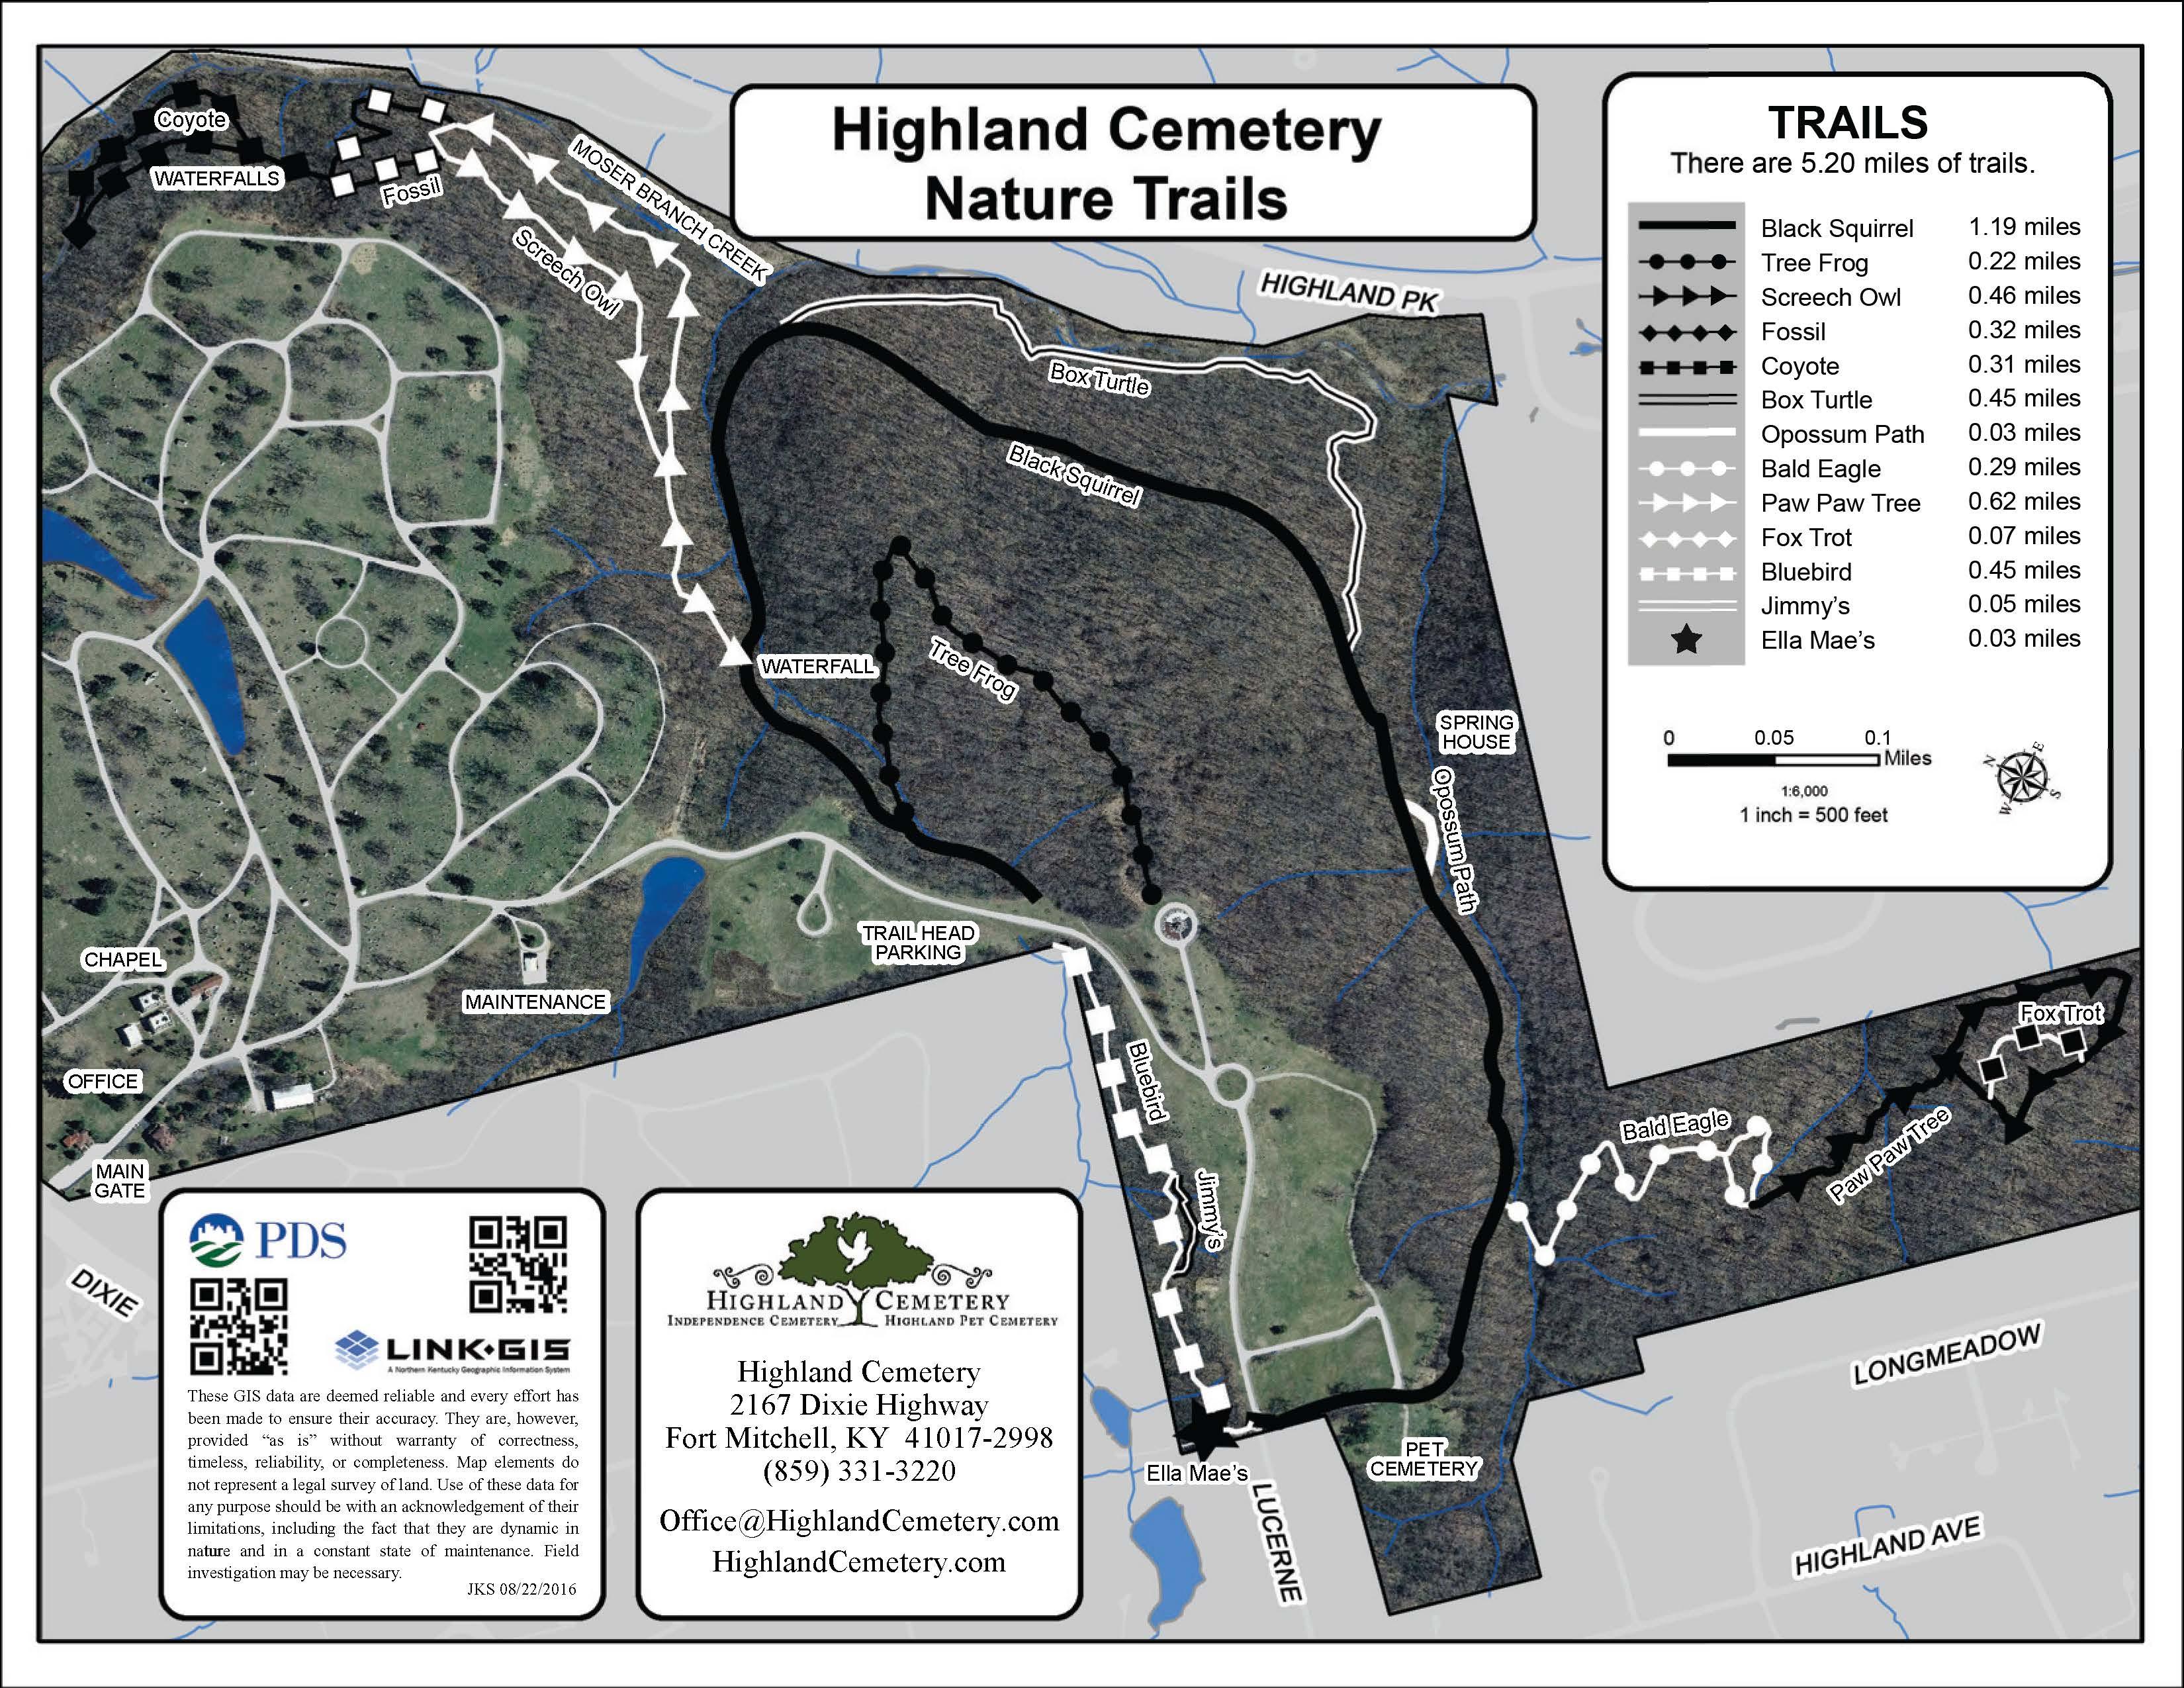 highland cemetery nature trails color link gis. Black Bedroom Furniture Sets. Home Design Ideas